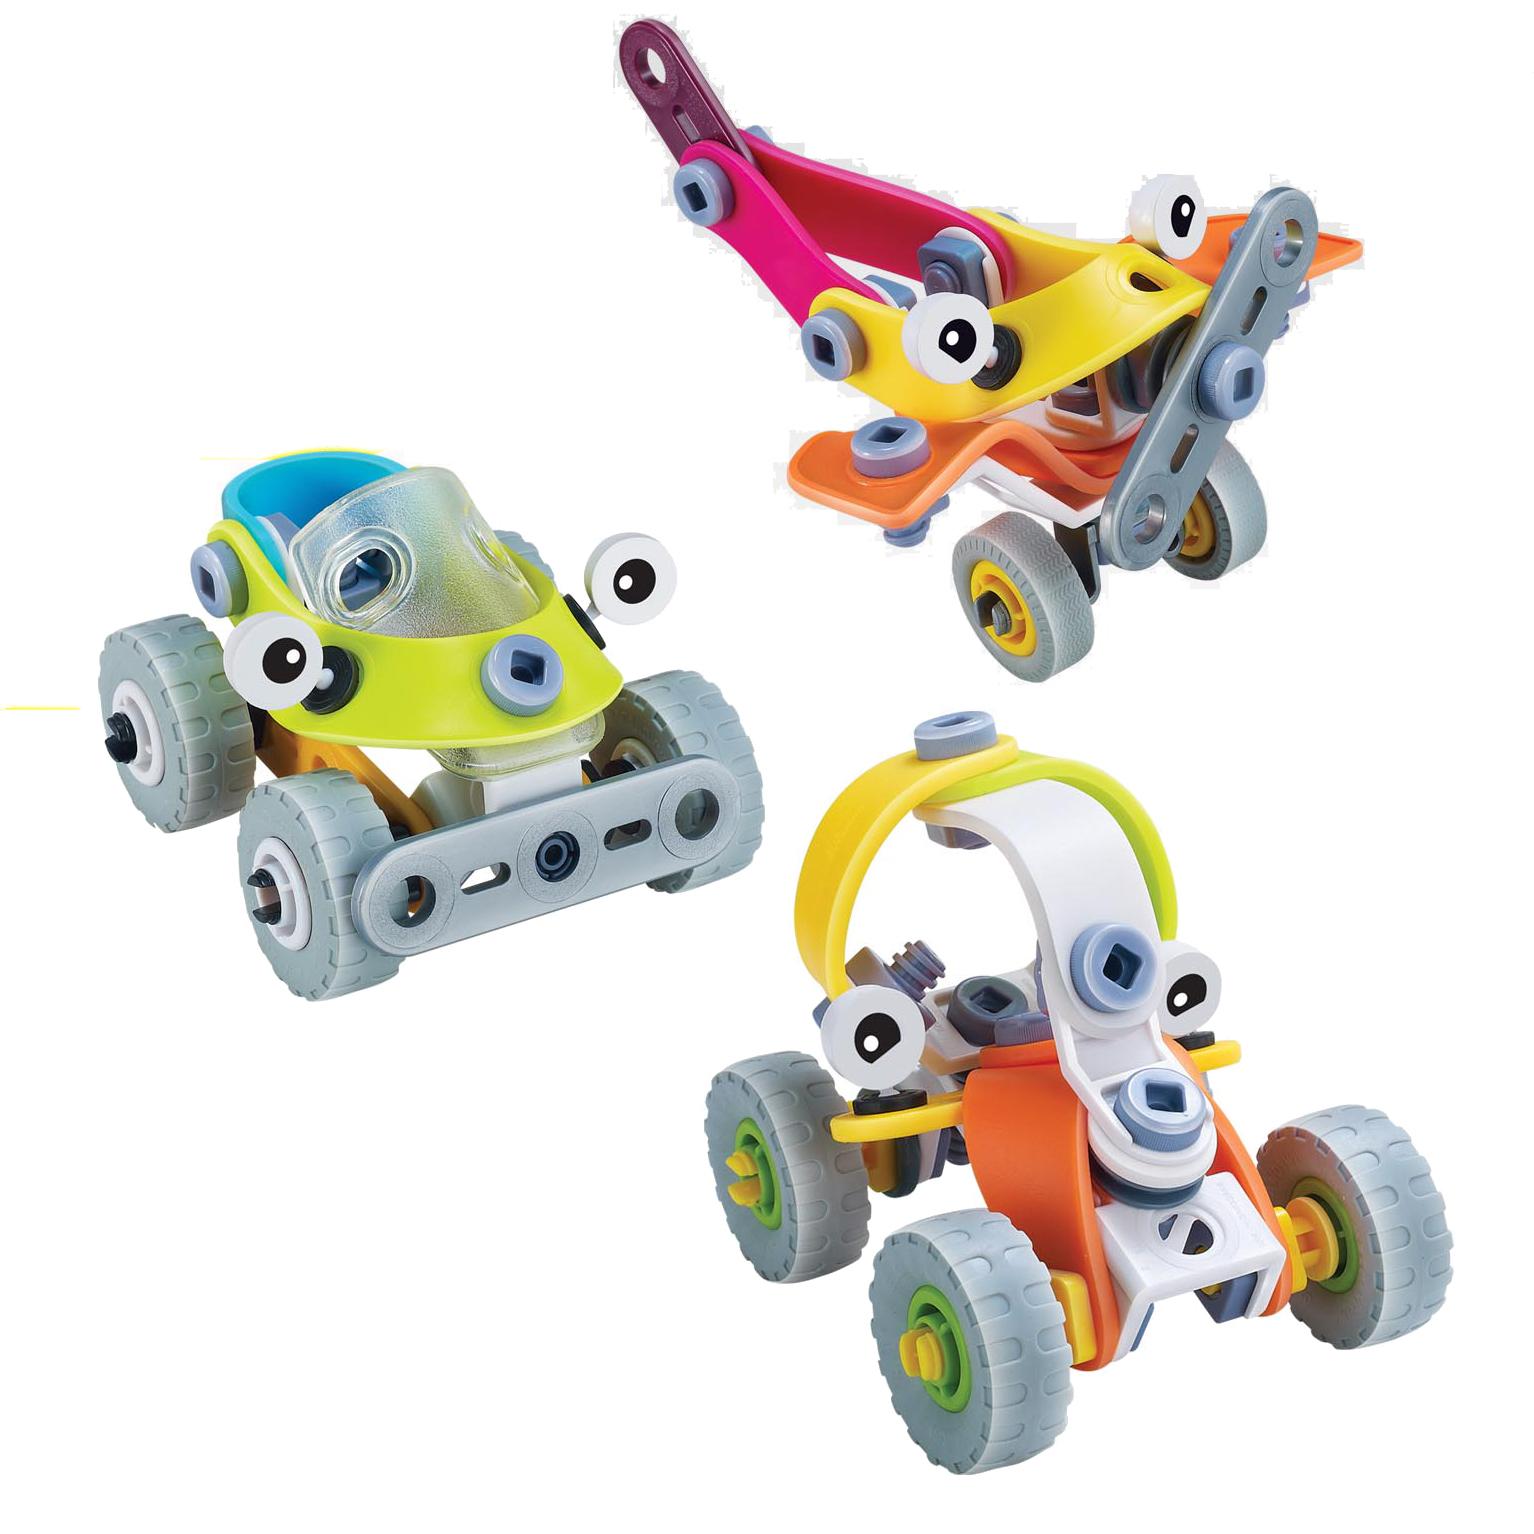 TonySoucing Educational Toys